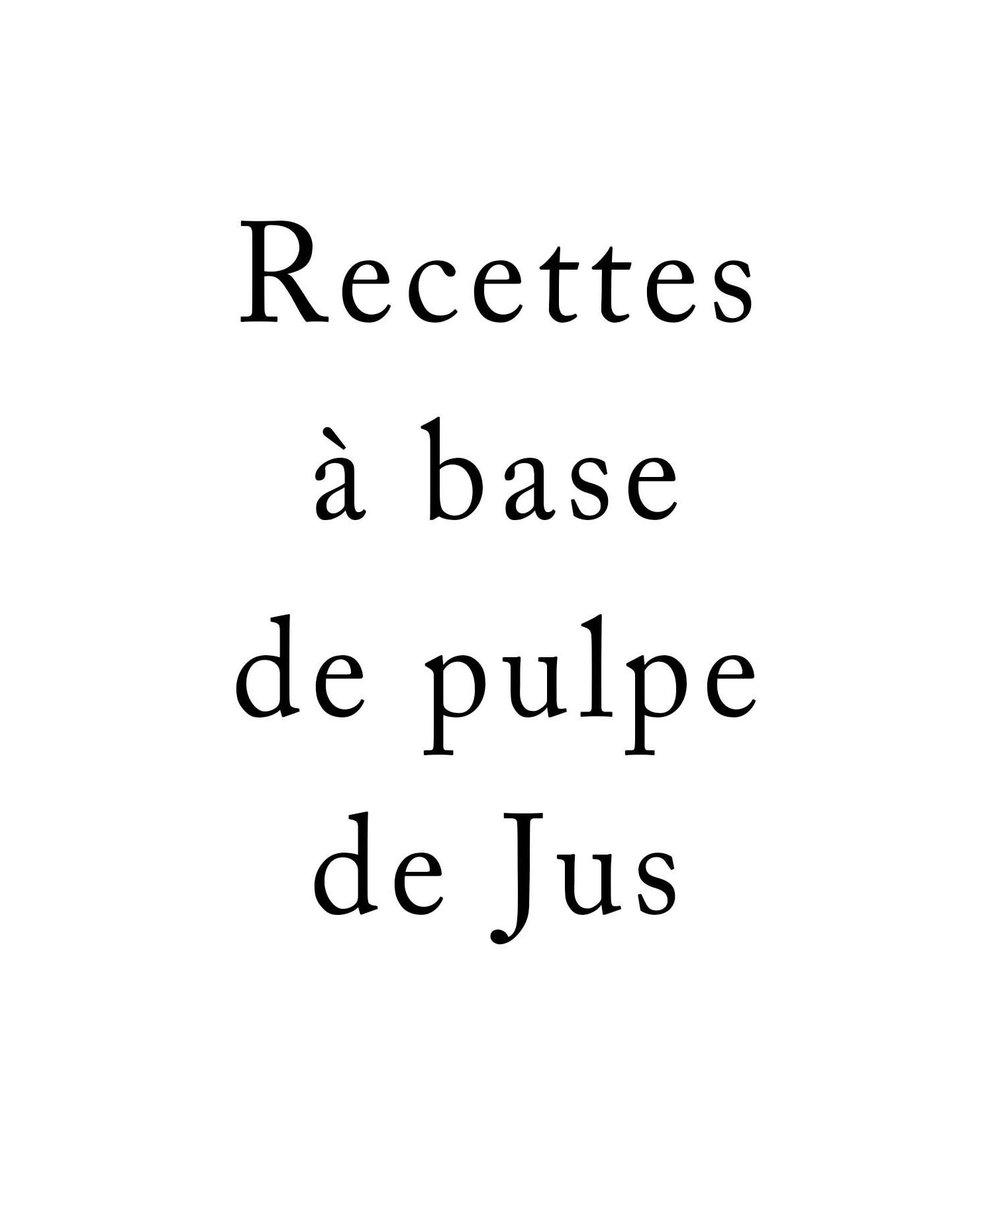 Texte Recette Extrait de Jus copie.jpg